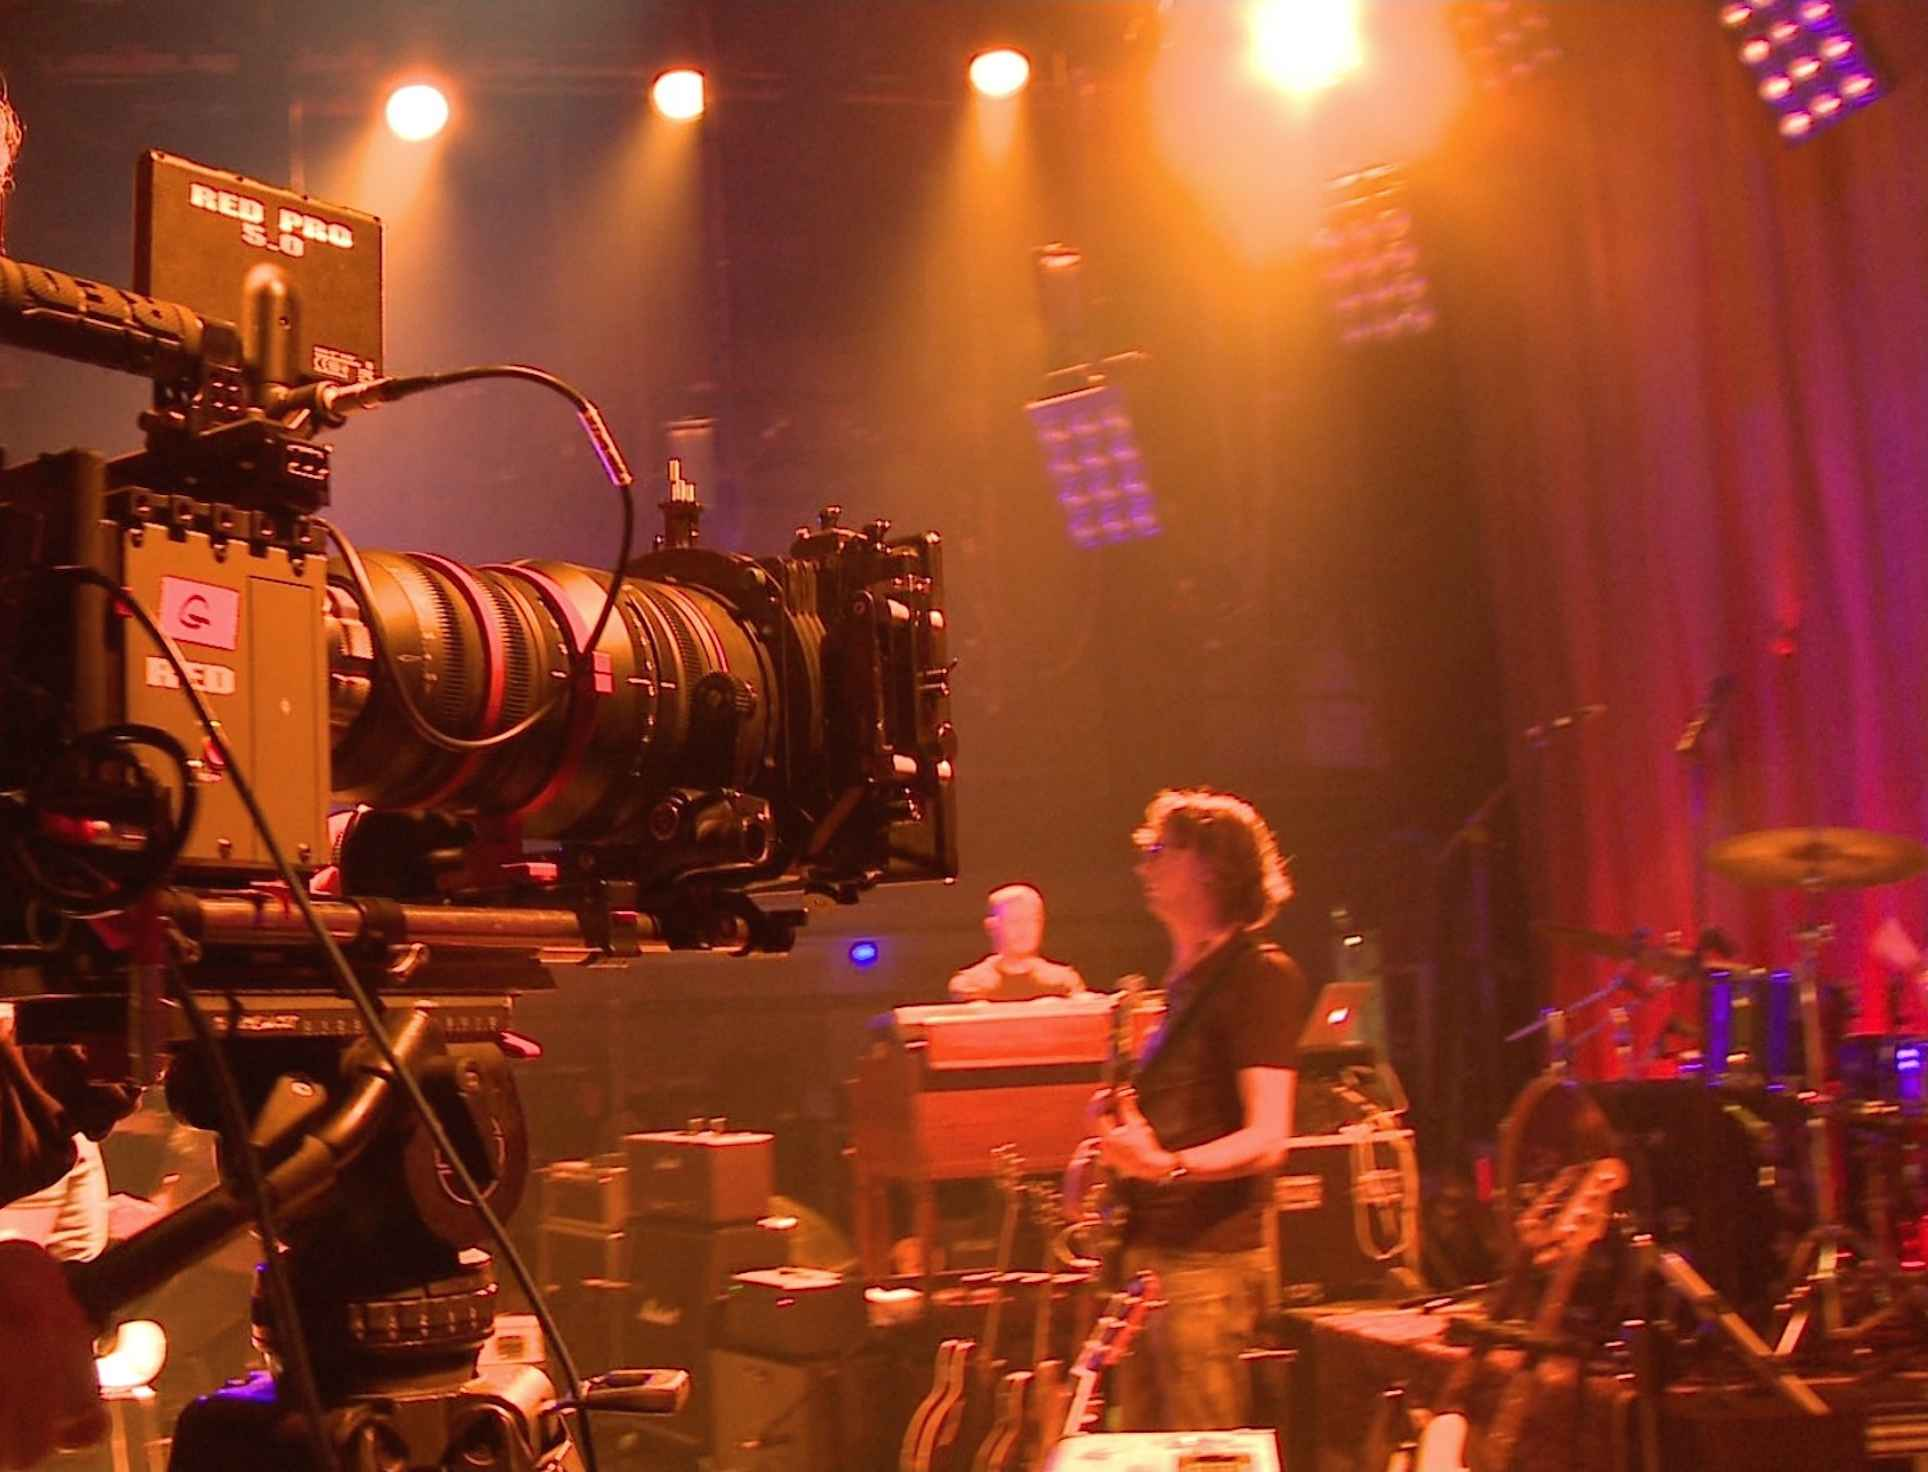 http://www.botb.eu/uploads/slider/audiovisuals-concert1b.jpg